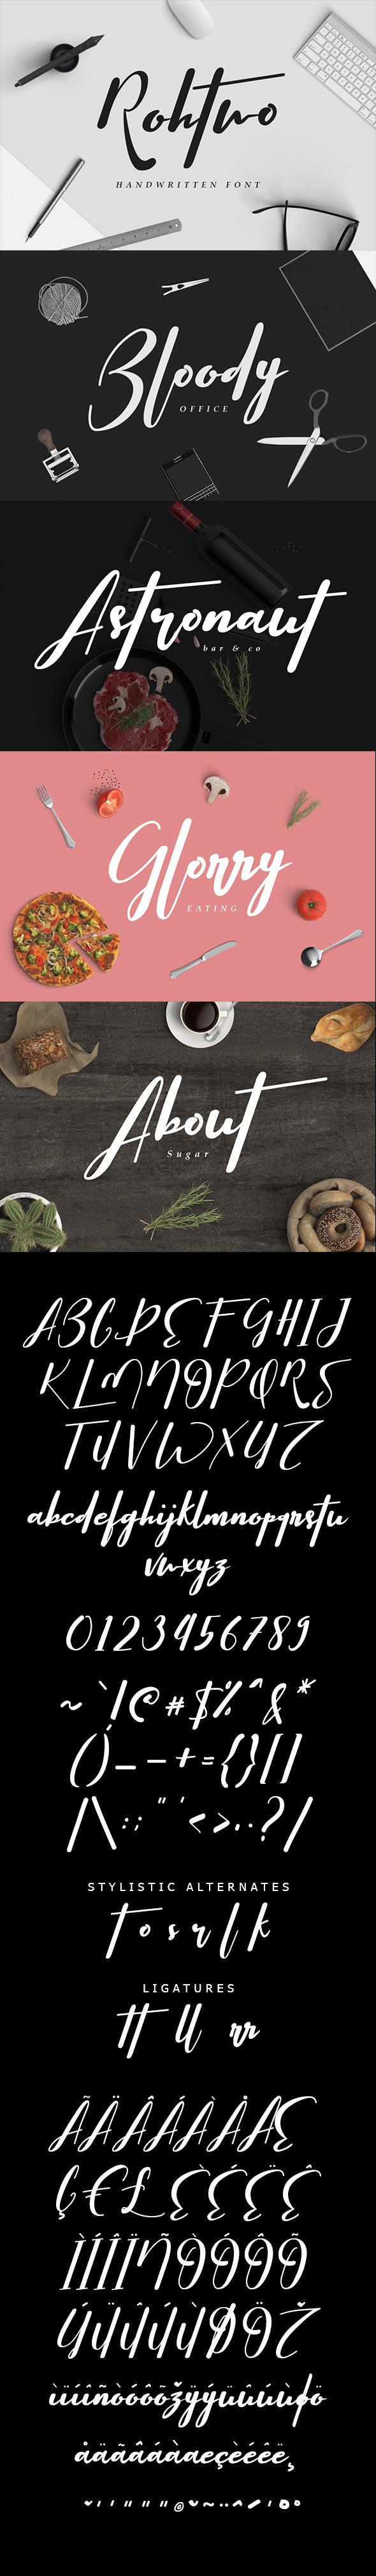 Rohtwo Bold Signature - Calligraphy Script